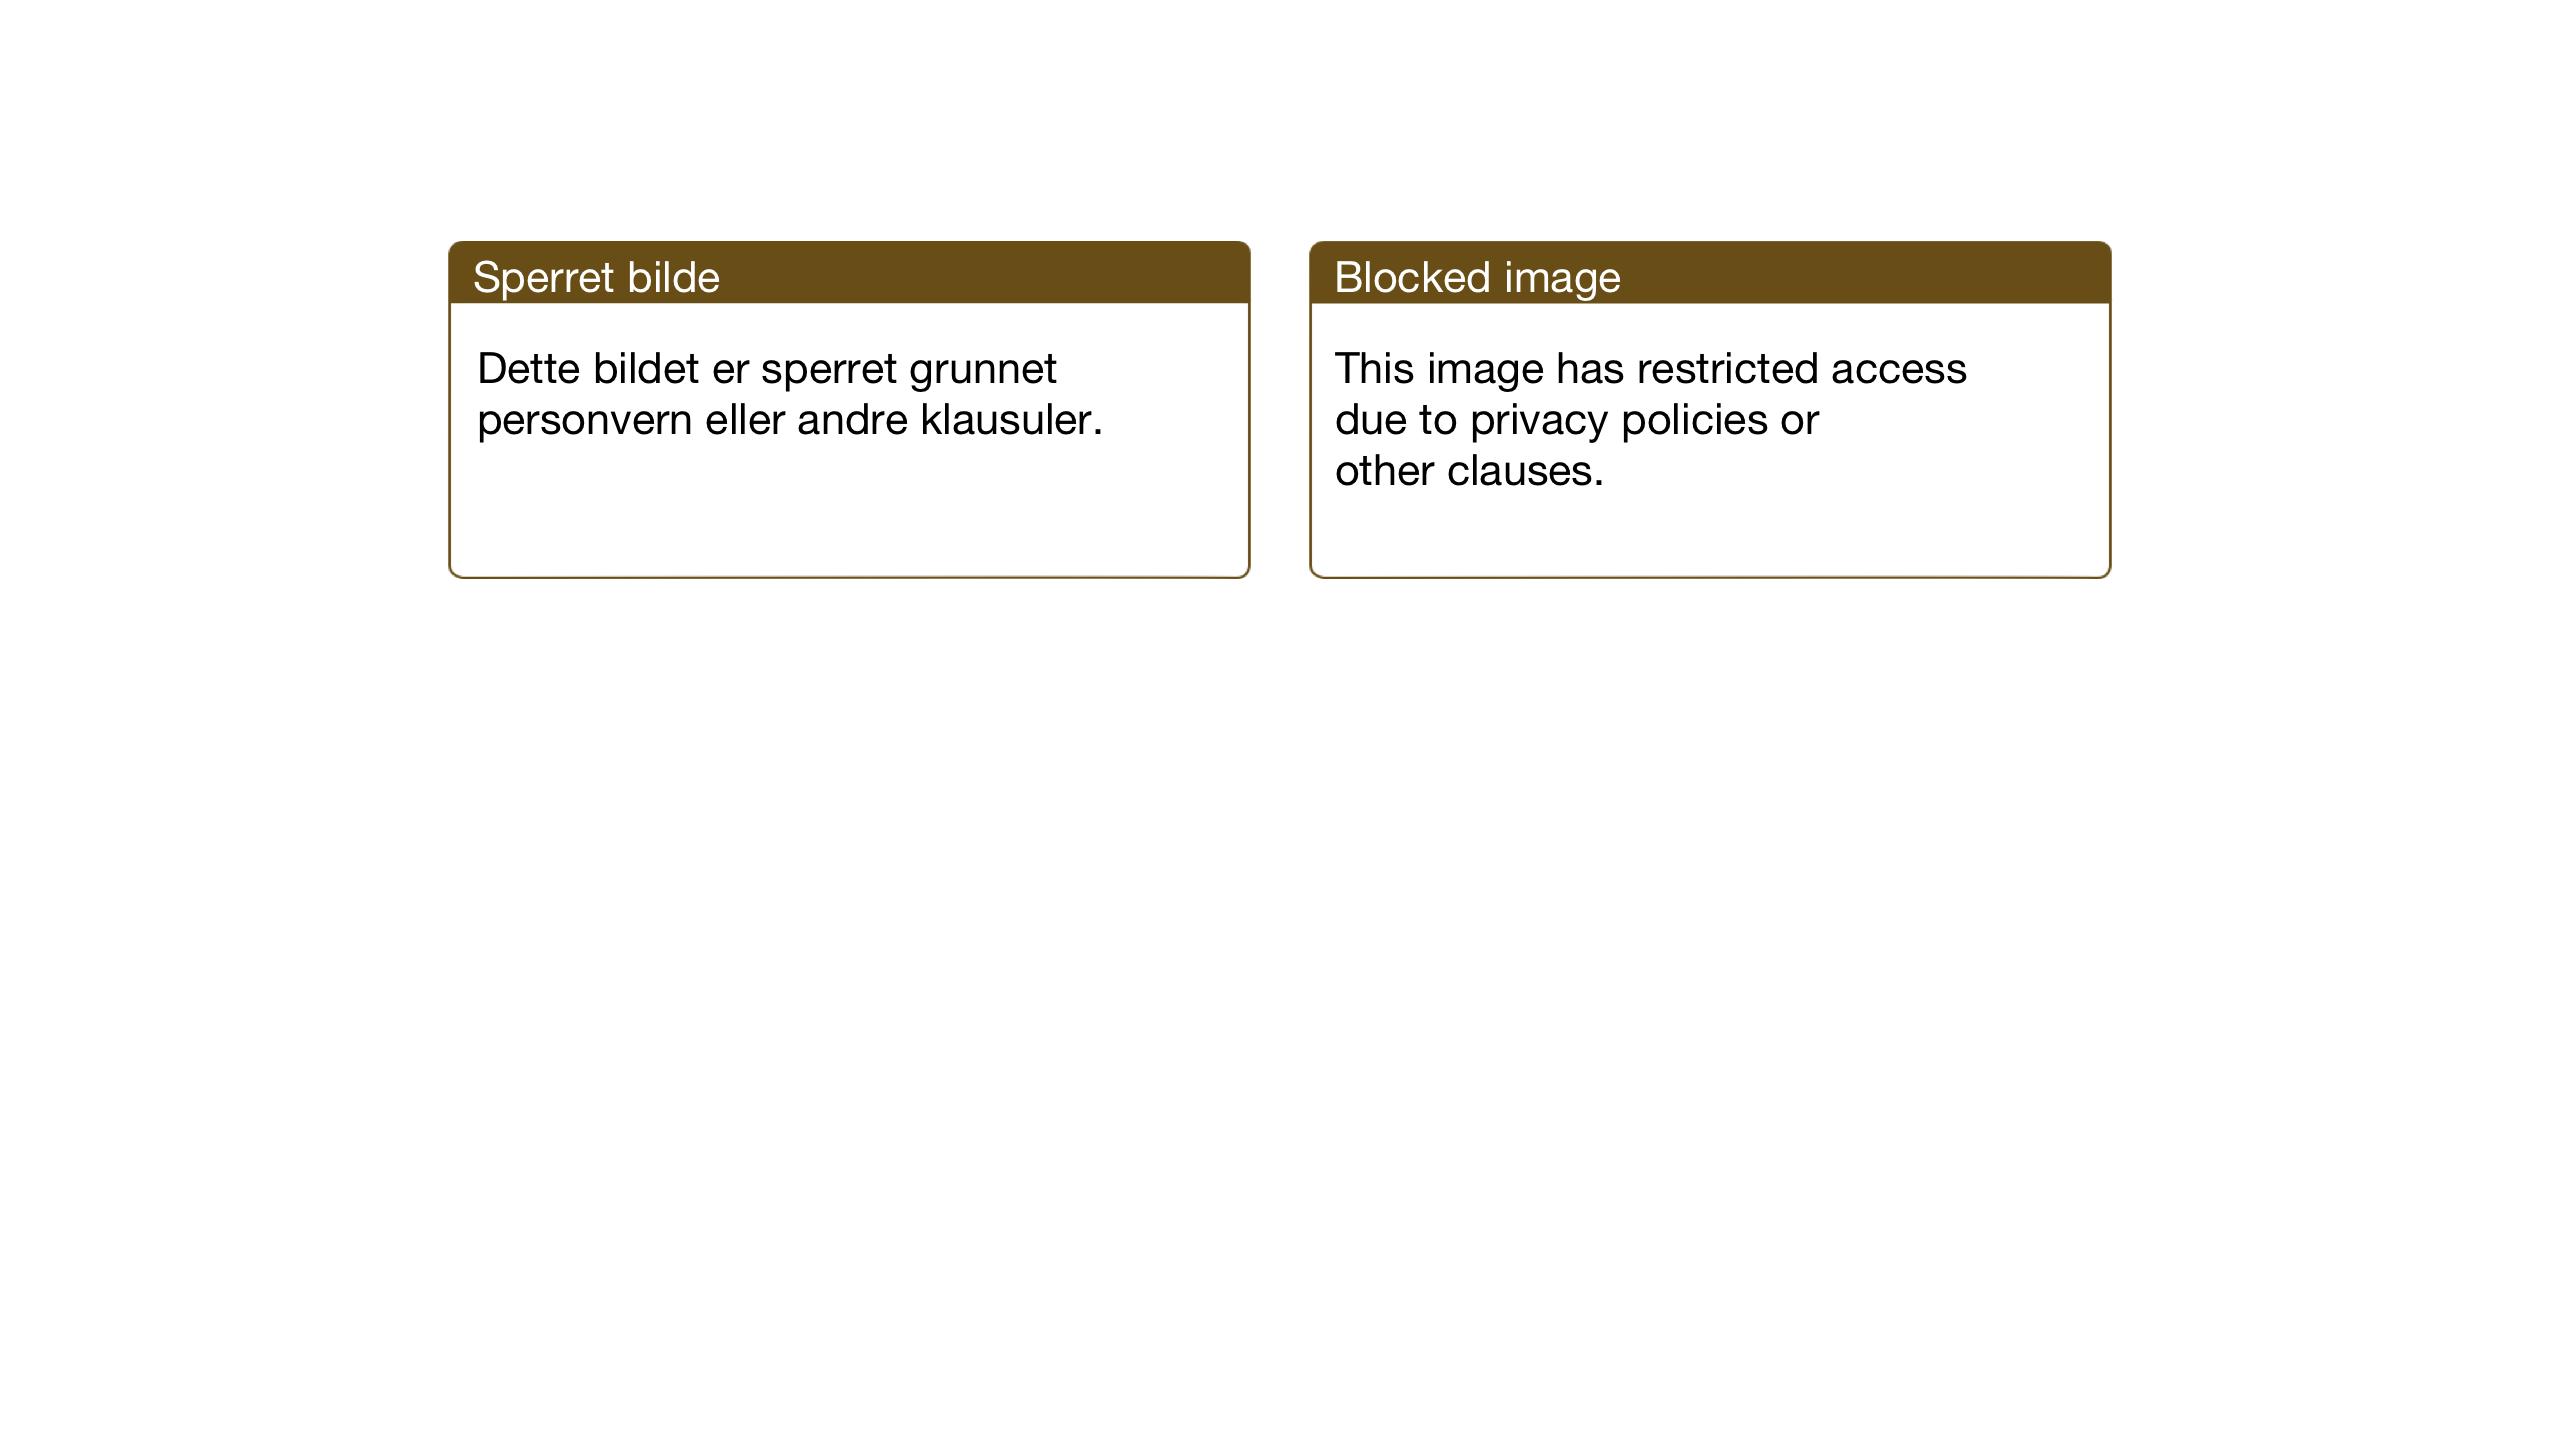 SAT, Ministerialprotokoller, klokkerbøker og fødselsregistre - Nord-Trøndelag, 722/L0227: Klokkerbok nr. 722C03, 1928-1958, s. 74